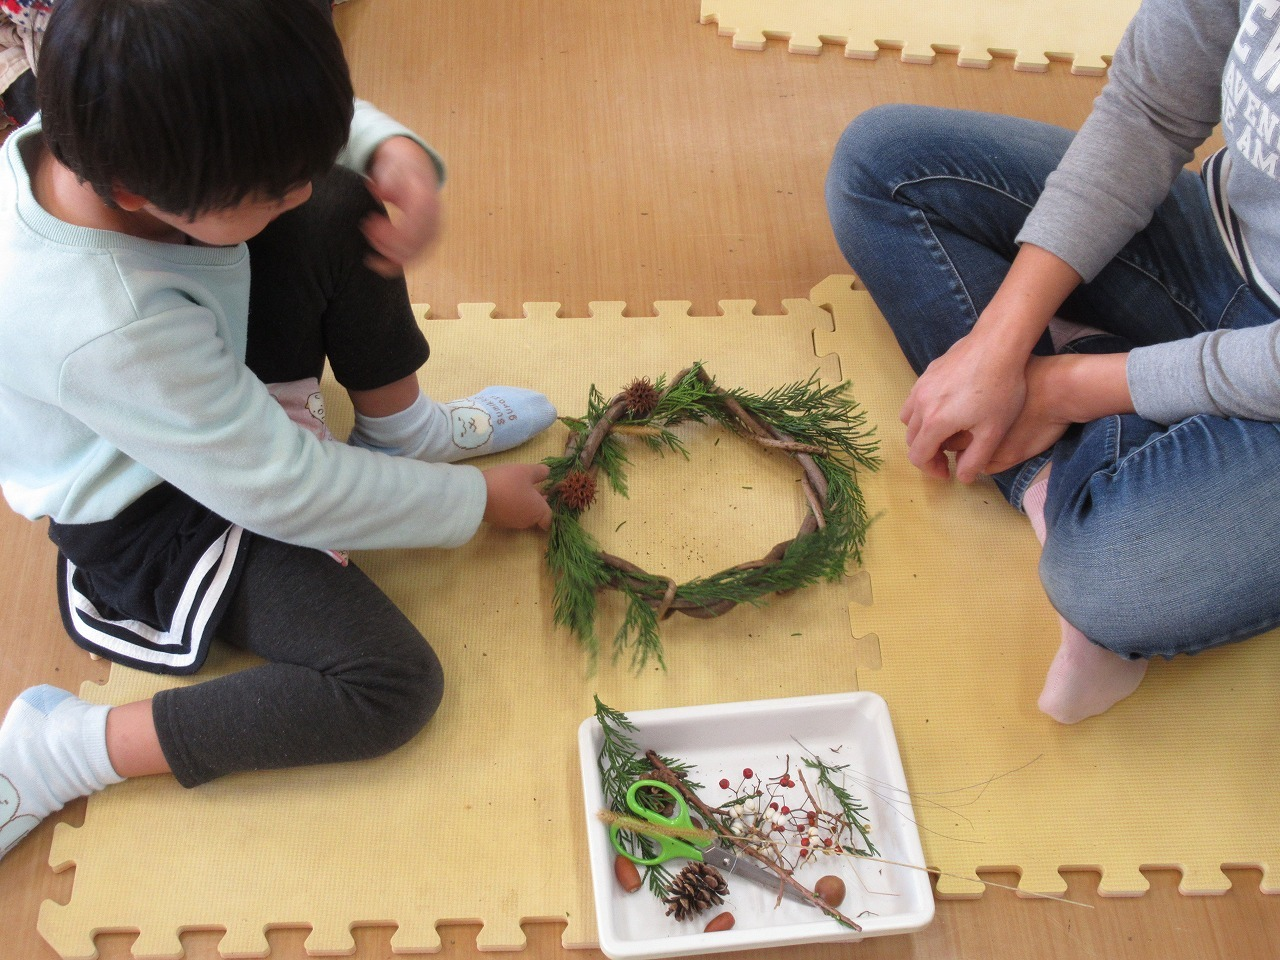 自然教室「自然の素材でクリスマスリースをつくろう」_f0361087_11542805.jpg